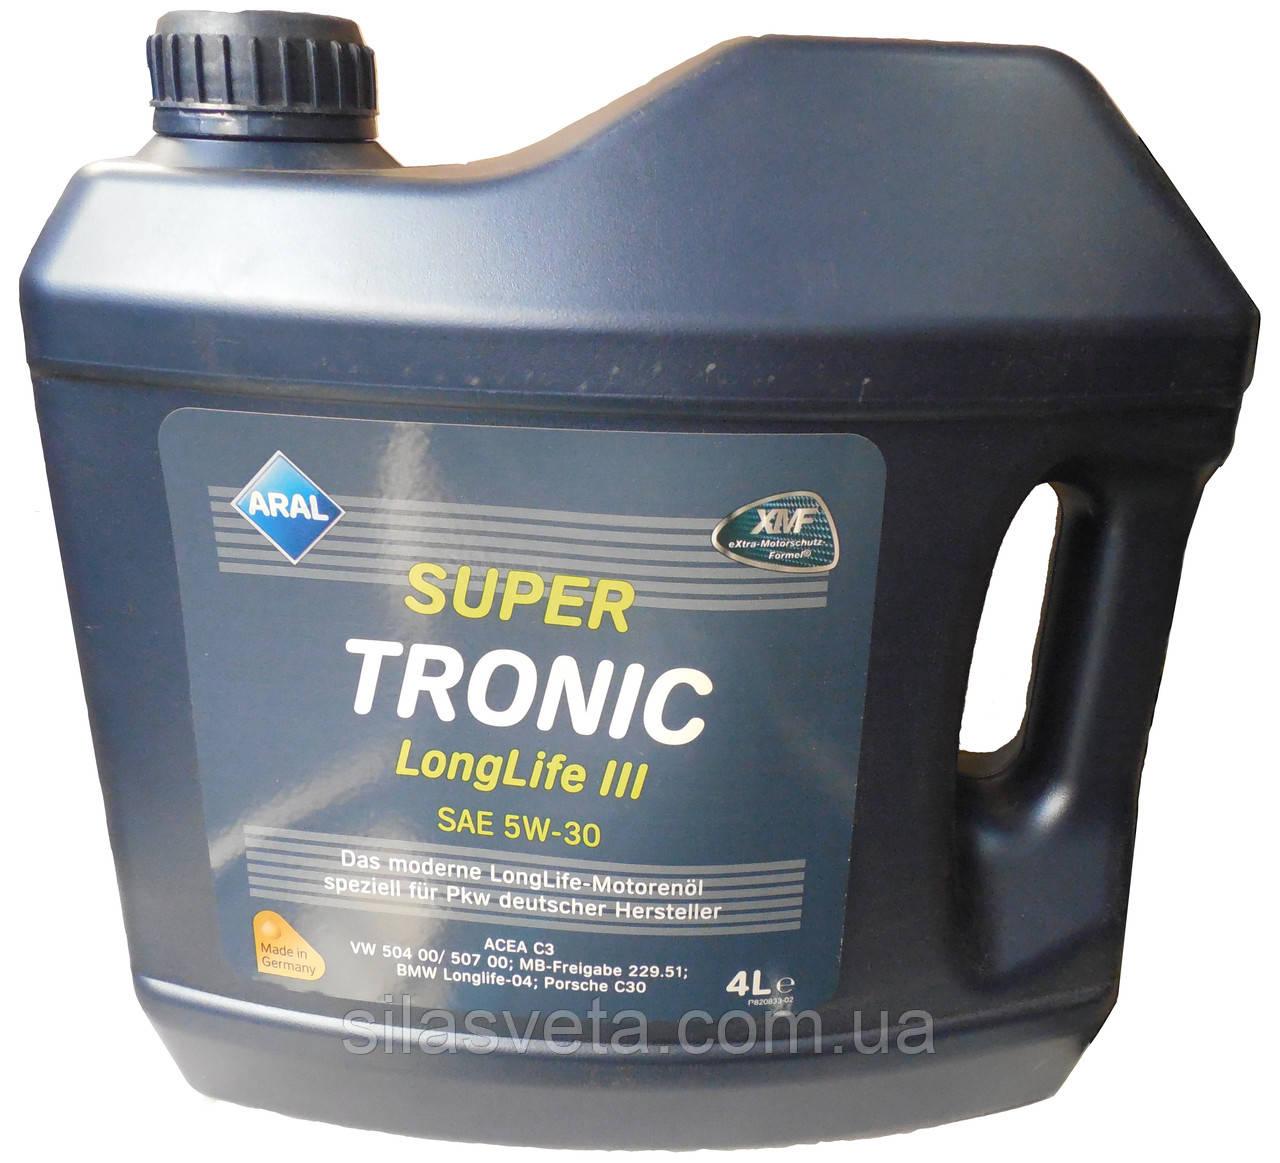 Автомобильное моторное синтетическое масло Aral SuperTronic Long Life III 5W30 60L